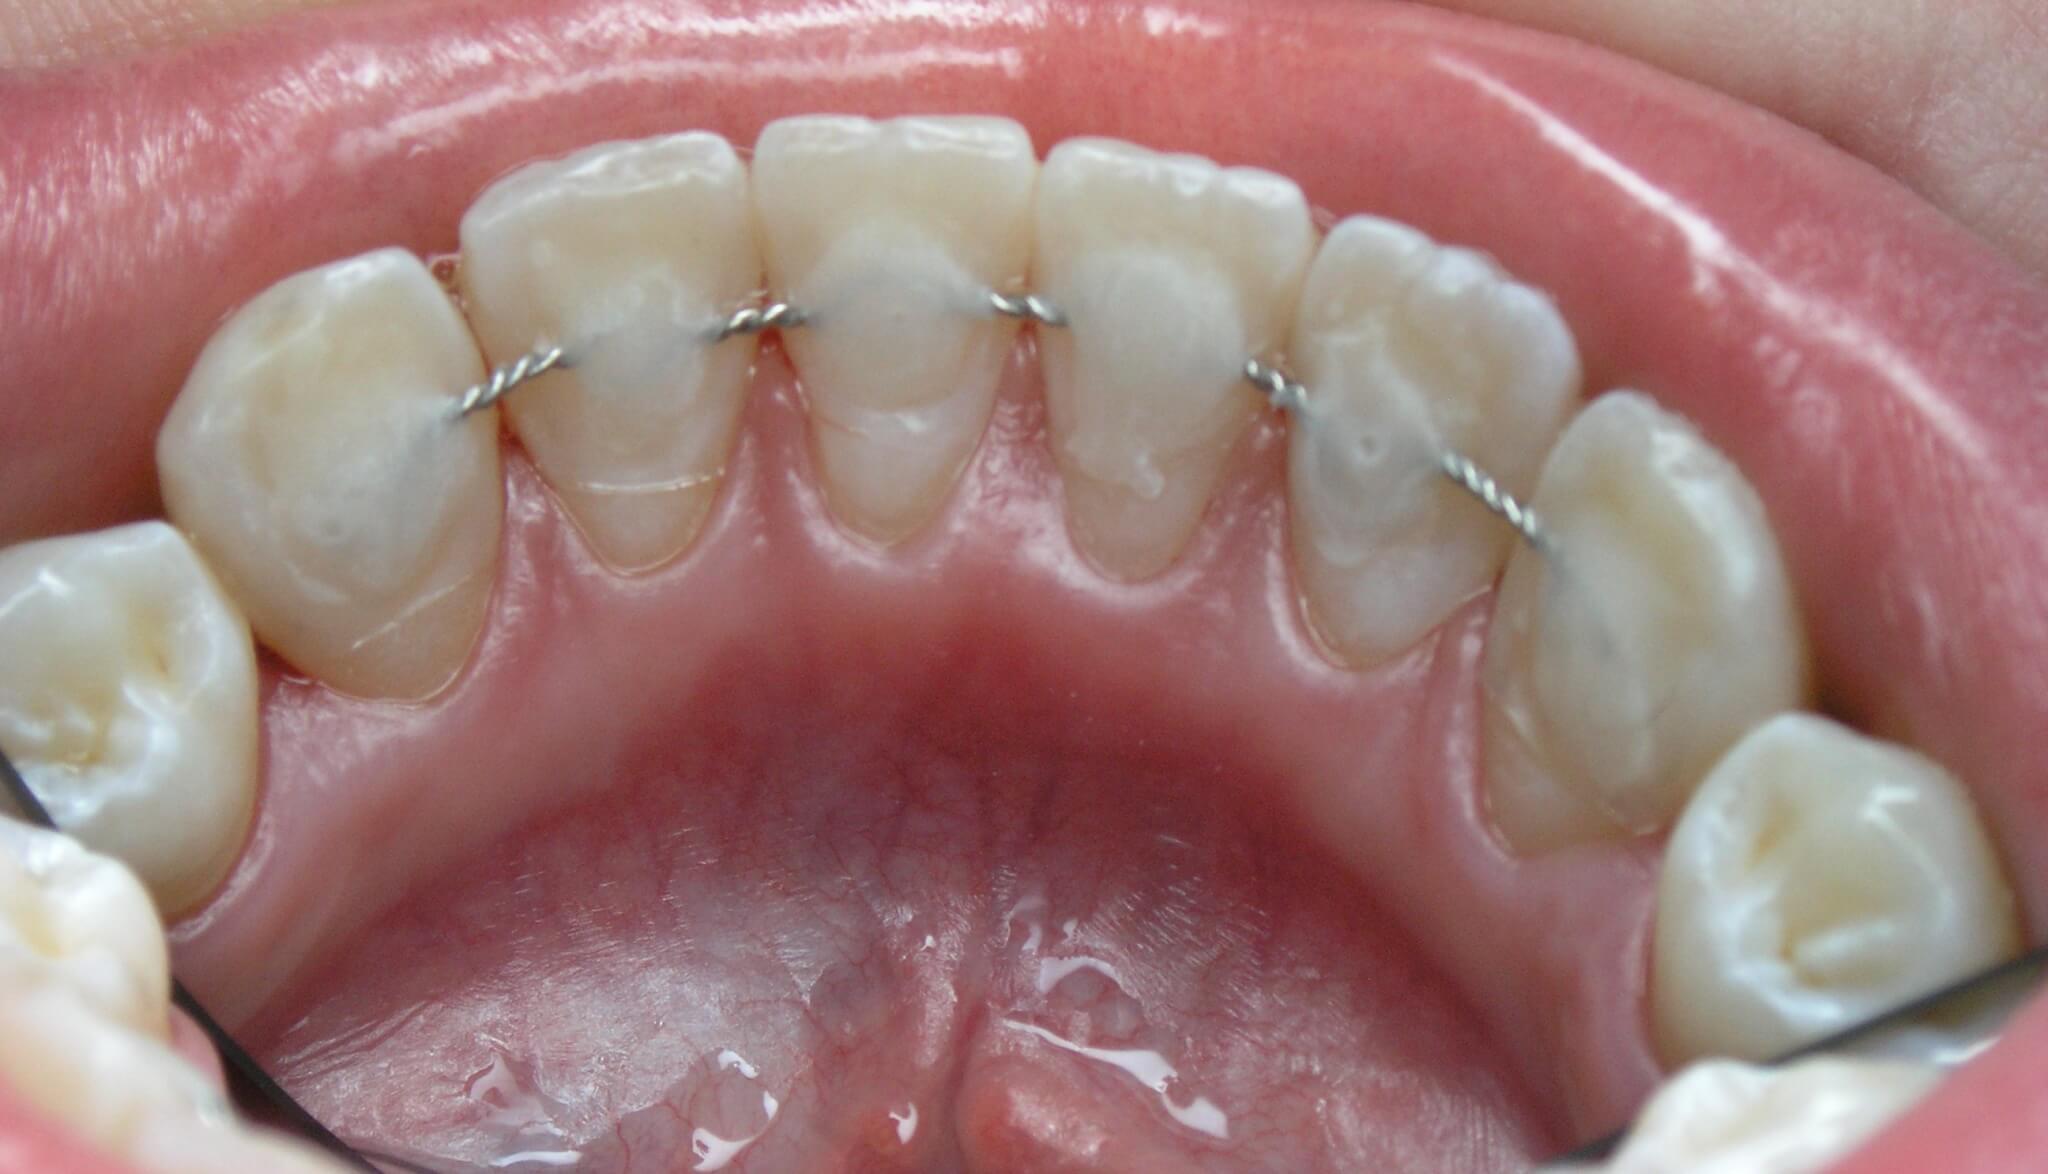 Процедура шинирования зубов с примерами фото «до и после»